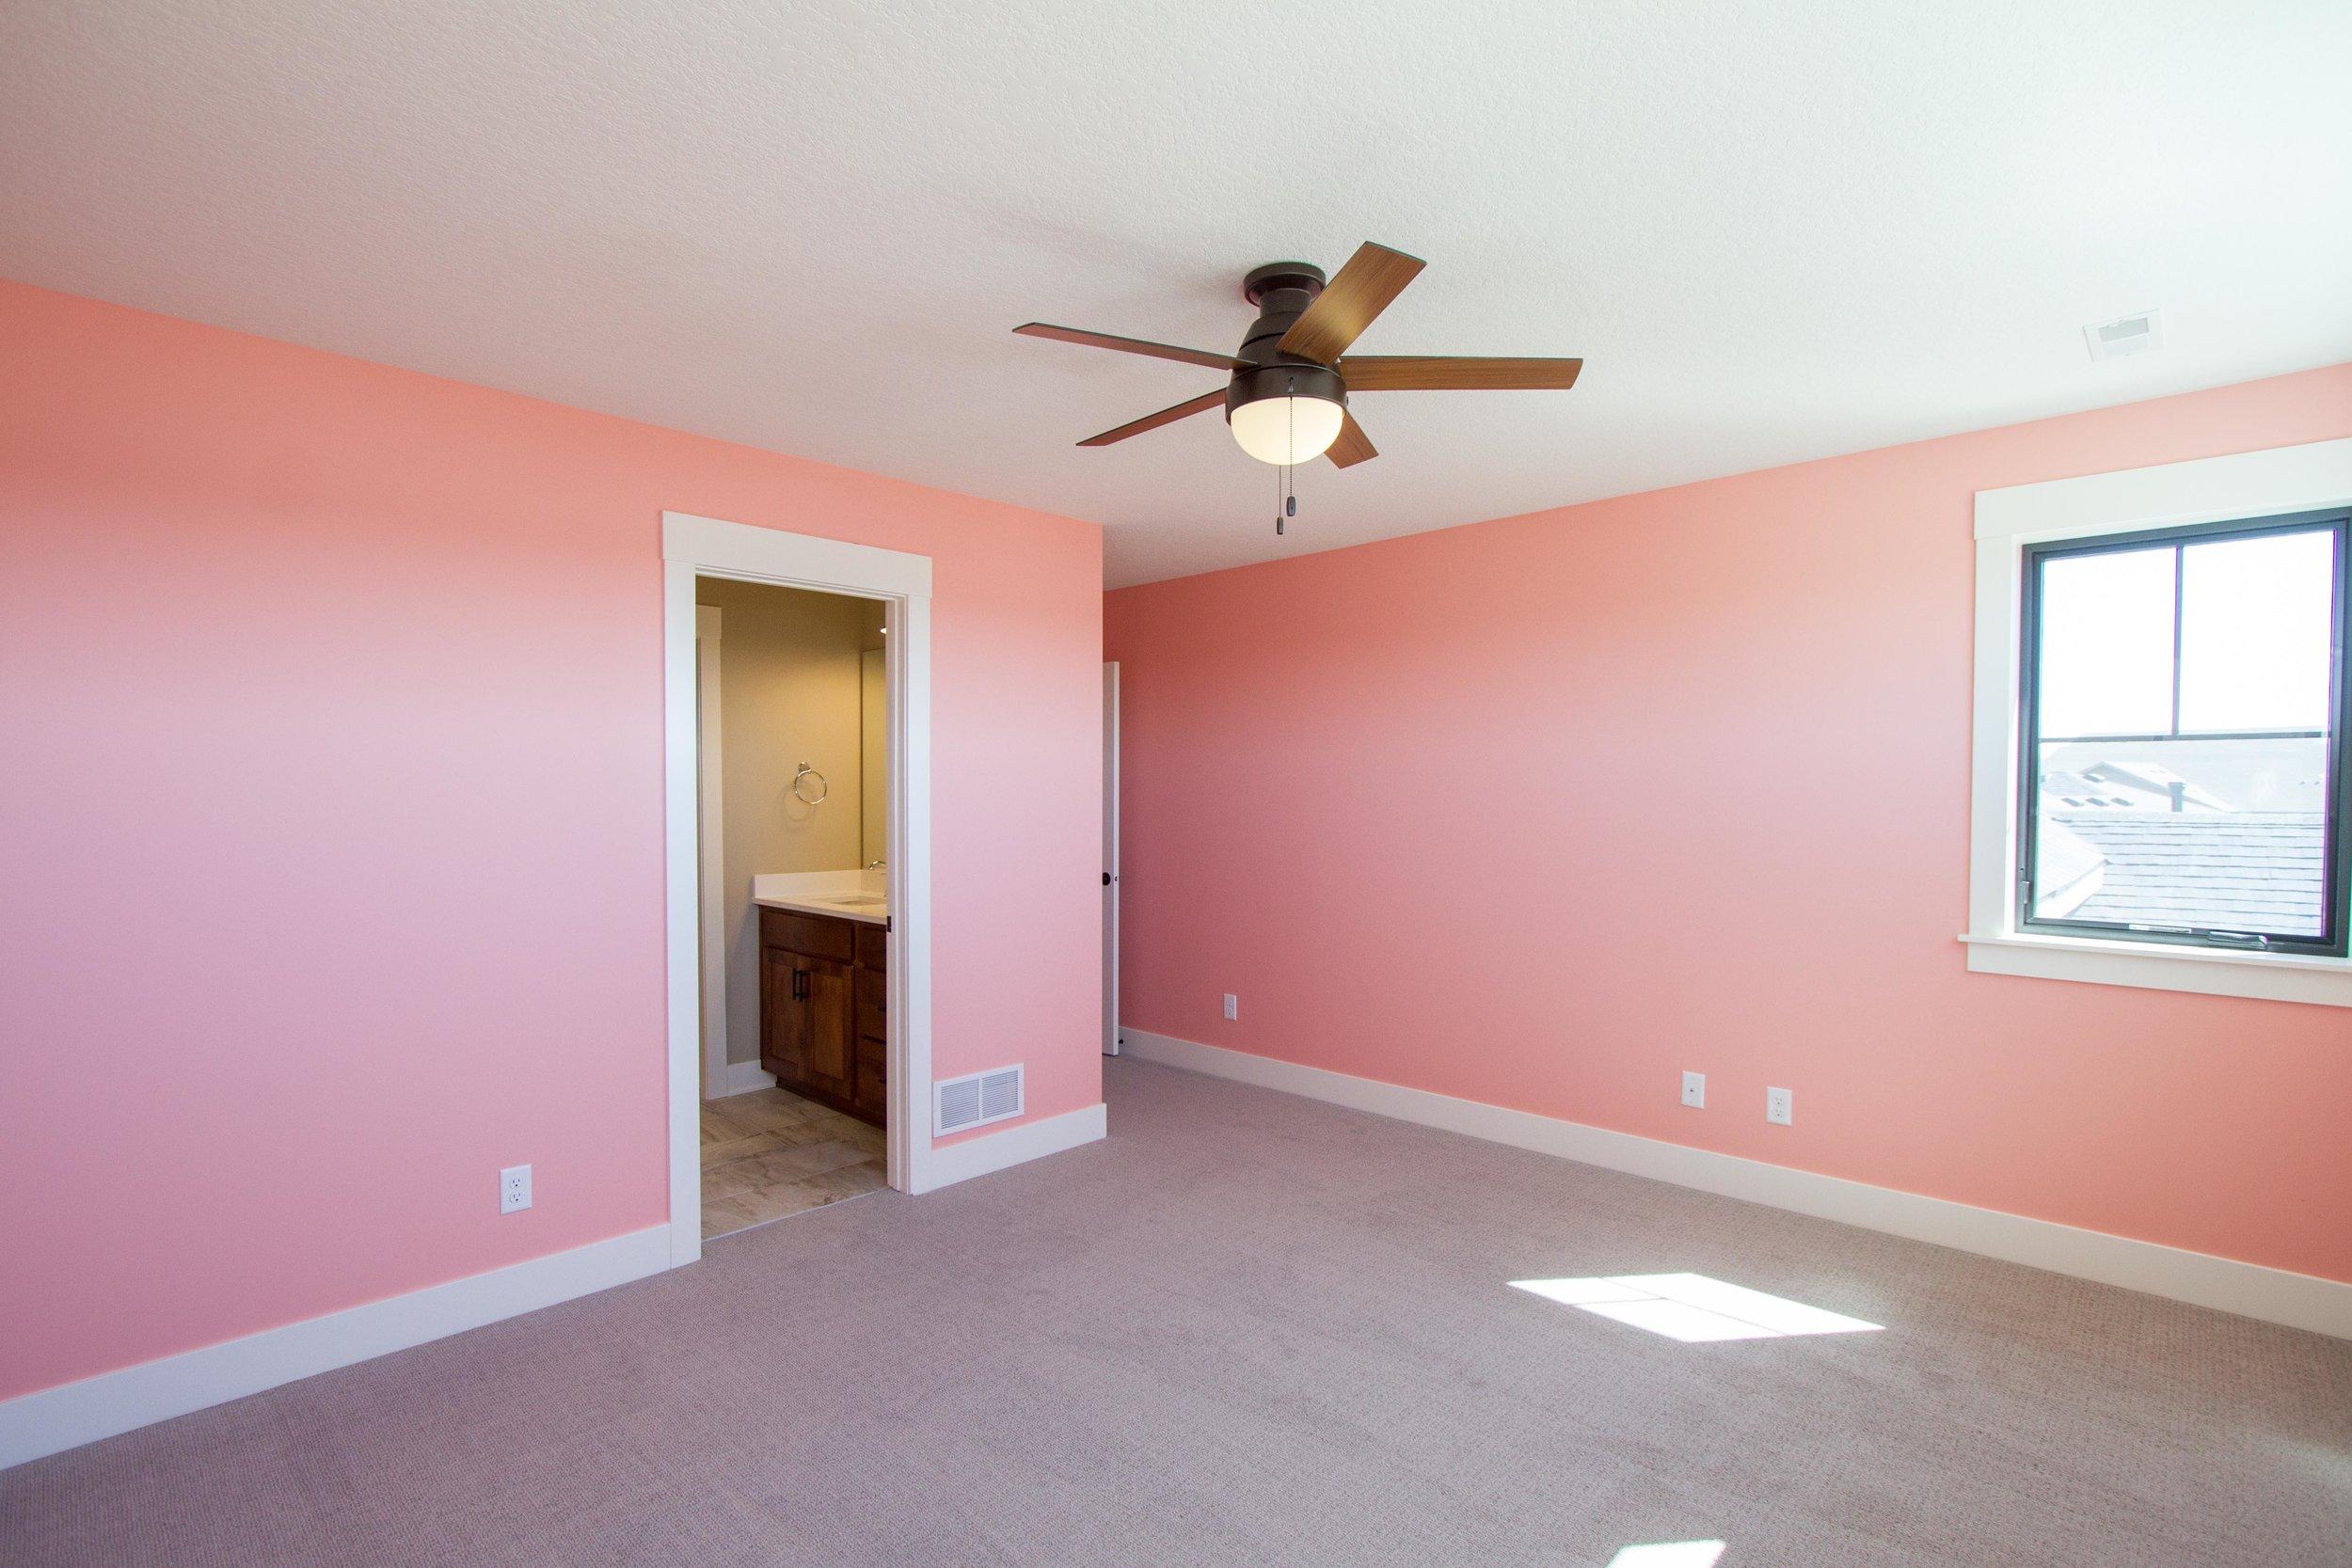 Next_Step_Homes-Bedroom_4.jpg